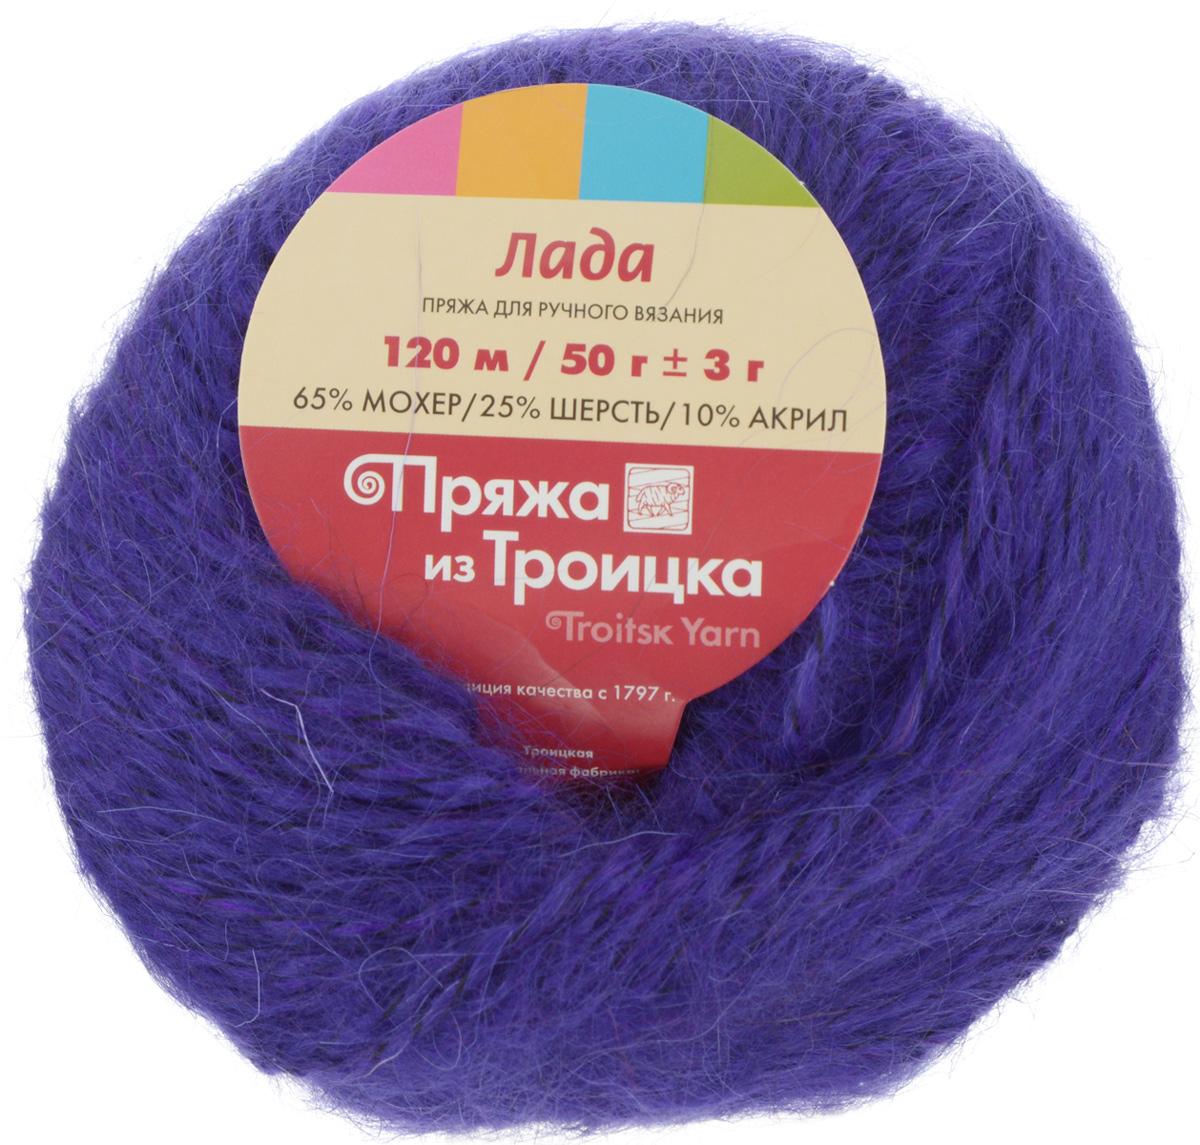 Пряжа для вязания Лада, цвет: темно-фиолетовый (0032), 120 м, 50 г, 10 шт366009_0032Пряжа для вязания Лада состоит из мохера, шерсти и акрила. Такое знаменитое трио в составе обеспечивает легкий ненавязчивый блеск, а также высокие теплопроводные свойства. Изделия из подобной пряжи практически не мнутся и при правильном уходе долго сохраняют свой первозданный вид. Она удачно подойдет как для головных уборов и мелких фантазийных вещиц (носков, варежек), так и для более крупных предметов одежды (платьев и кофт). Такая пряжа для вязания «Лада» станет превосходной основой для нарядных туалетов, а секционные расцветки скроют все неровности и недочеты. Состав: 65% мохер, 25% шерсть, 10% акрил. Рекомендуемые спицы: № 4,5 мм.